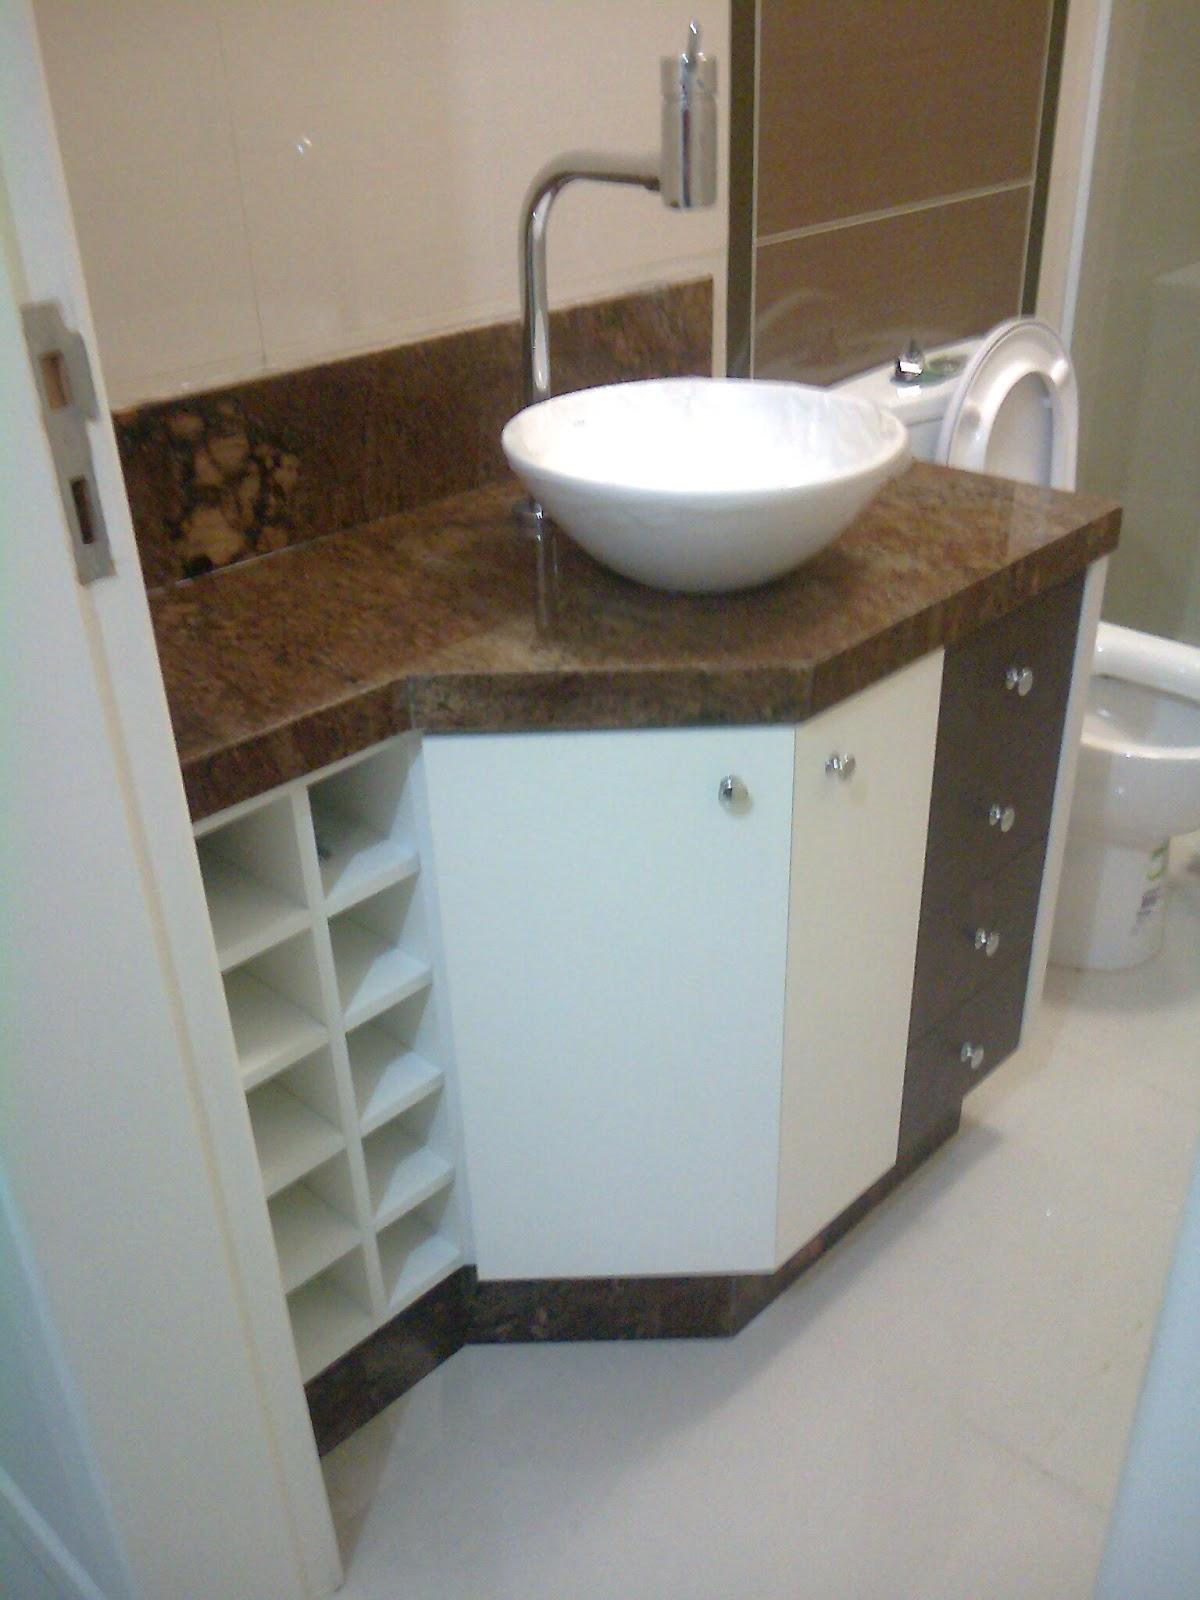 sob medidas: Banheiro de ângulo com predra marrom e cuba de sobrepôr #634B34 1200x1600 Balcao Banheiro Cuba Sobrepor